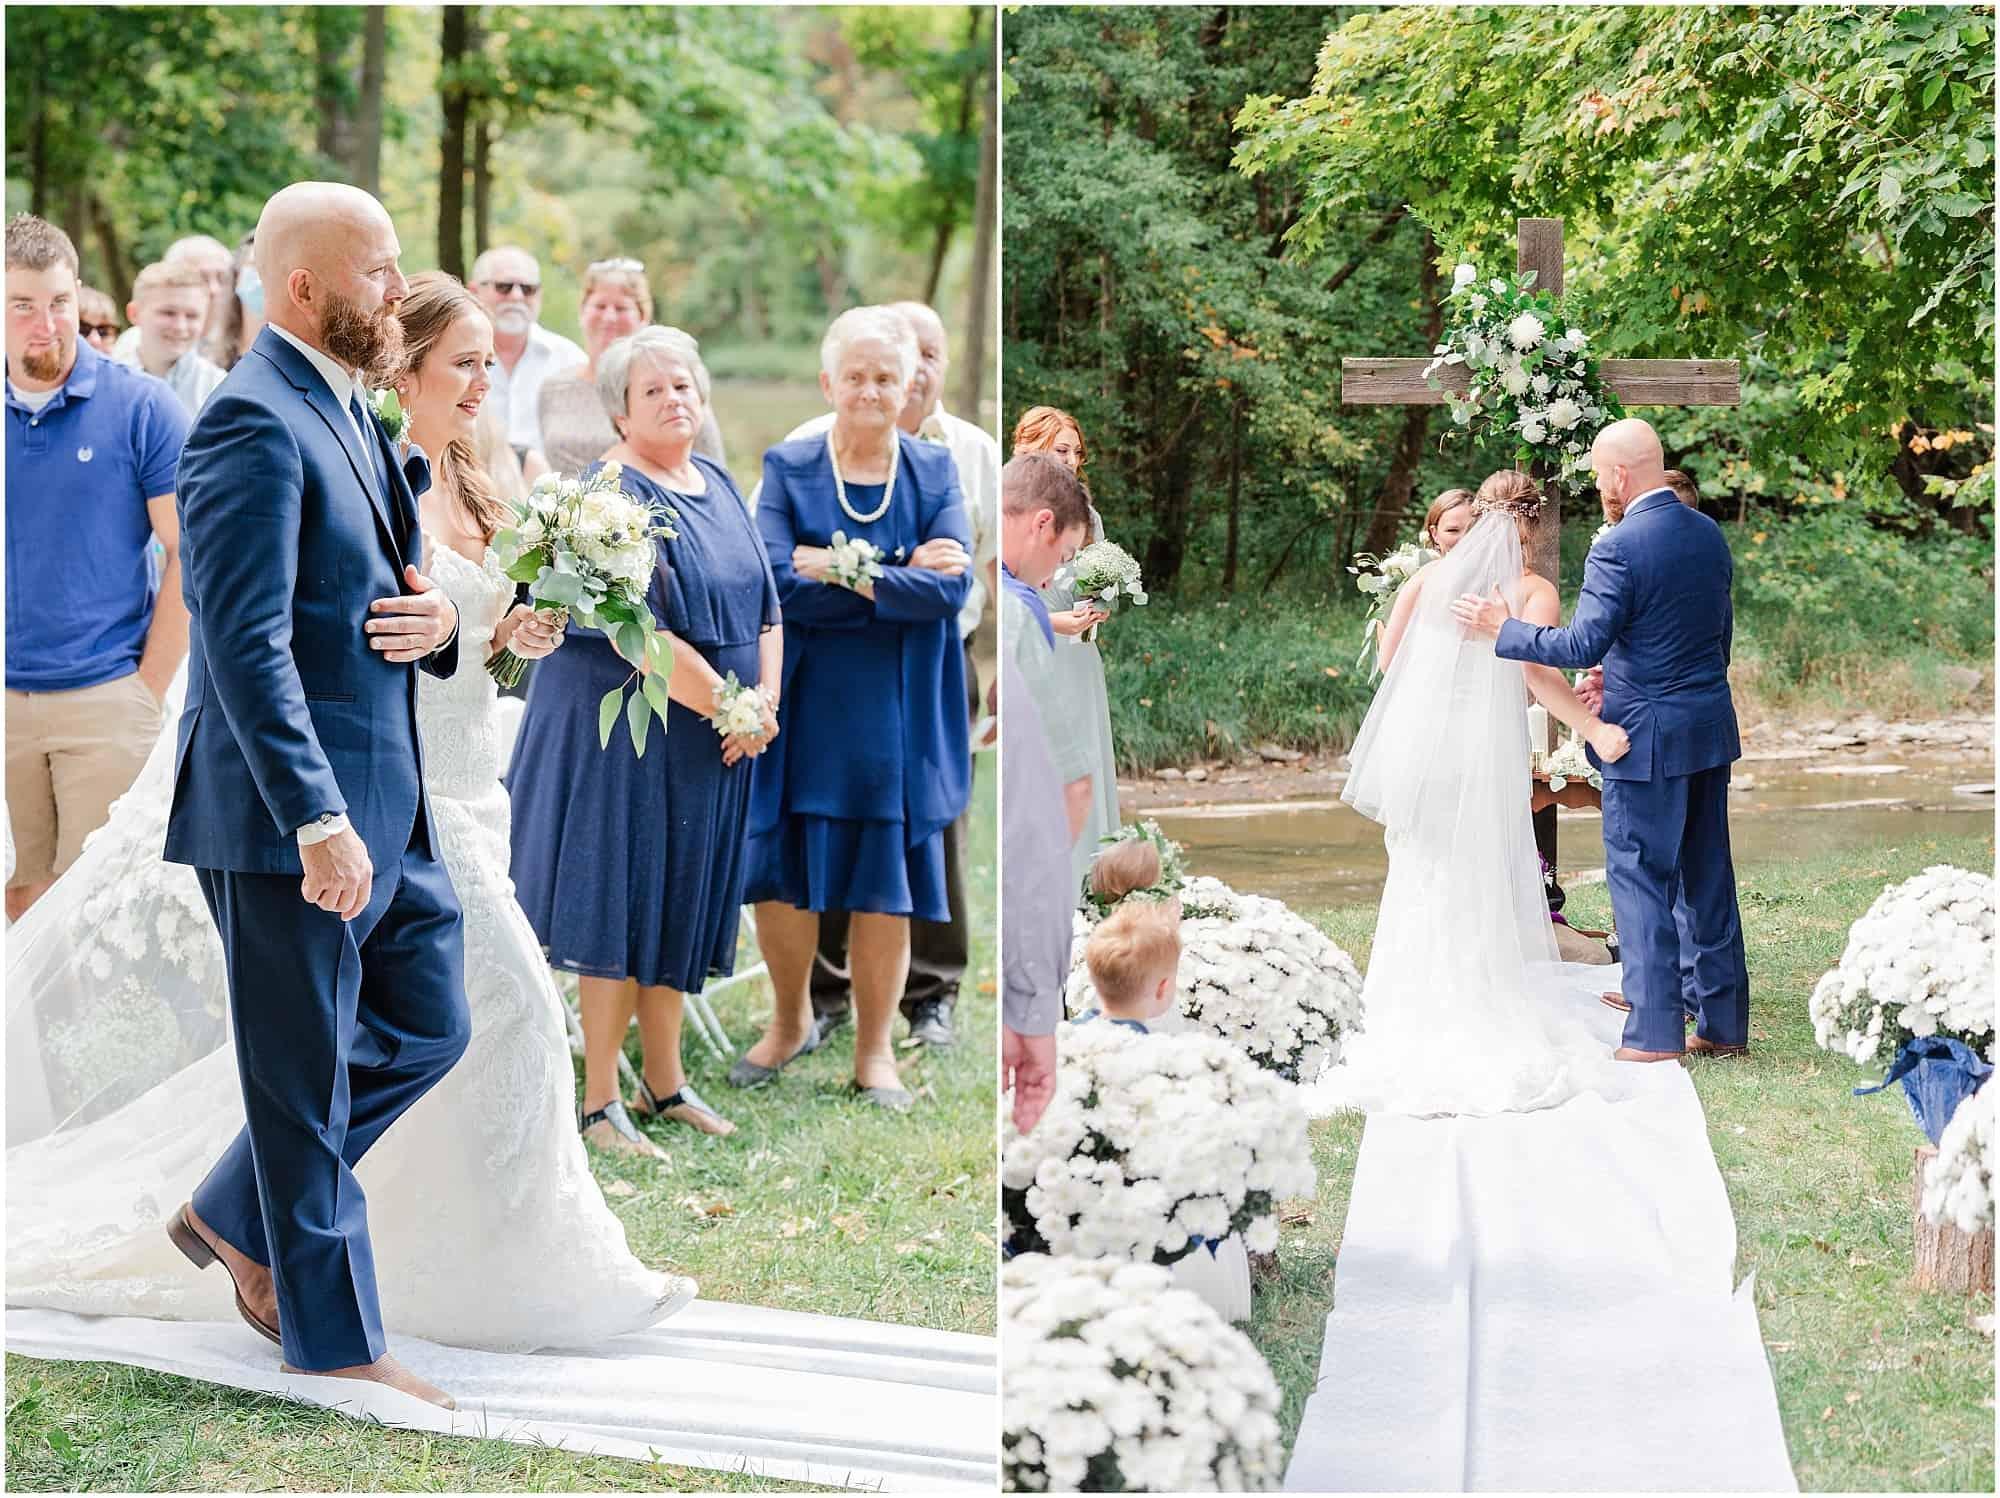 norwalk ohio wedding outdoor ceremony